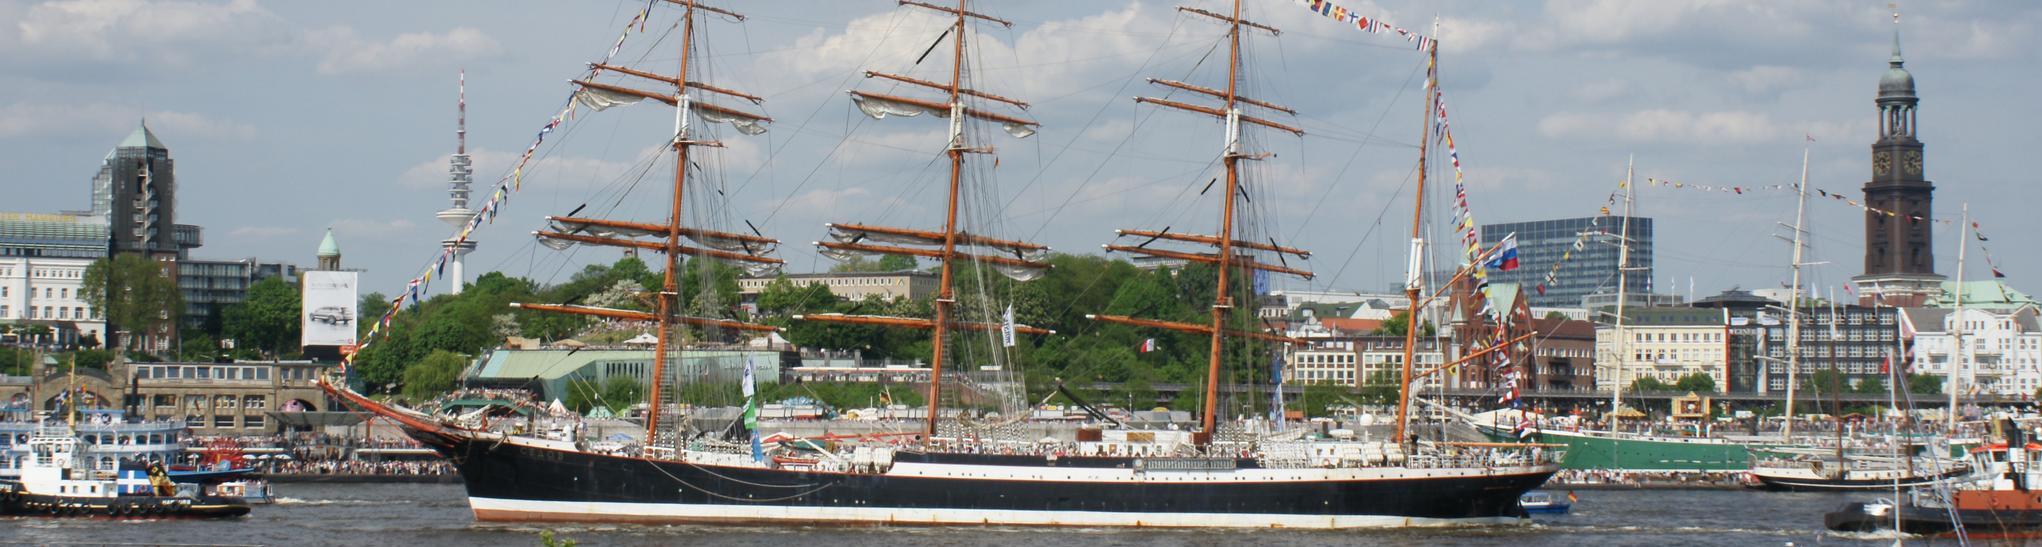 Hamburg und Umgebung – Das Tor zur Welt